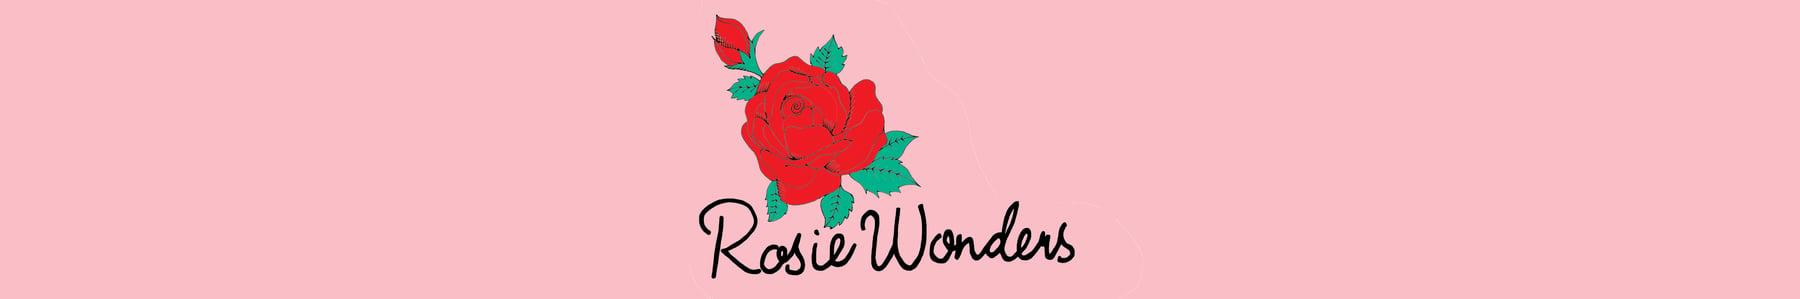 Rosie Wonders Home